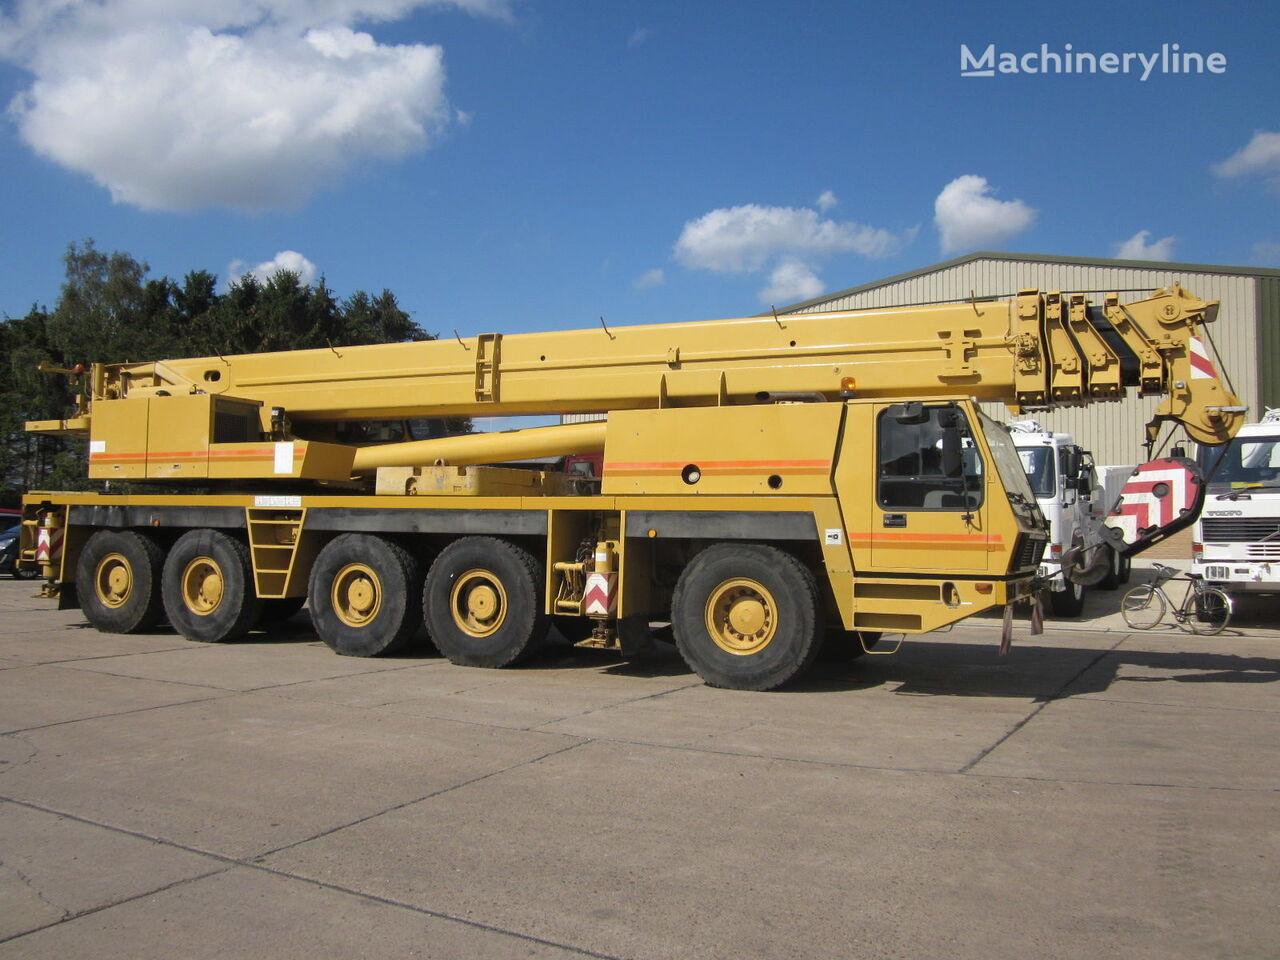 Grove gmk5130 130 ton mobile cranes for sale all terrain for Crane grove